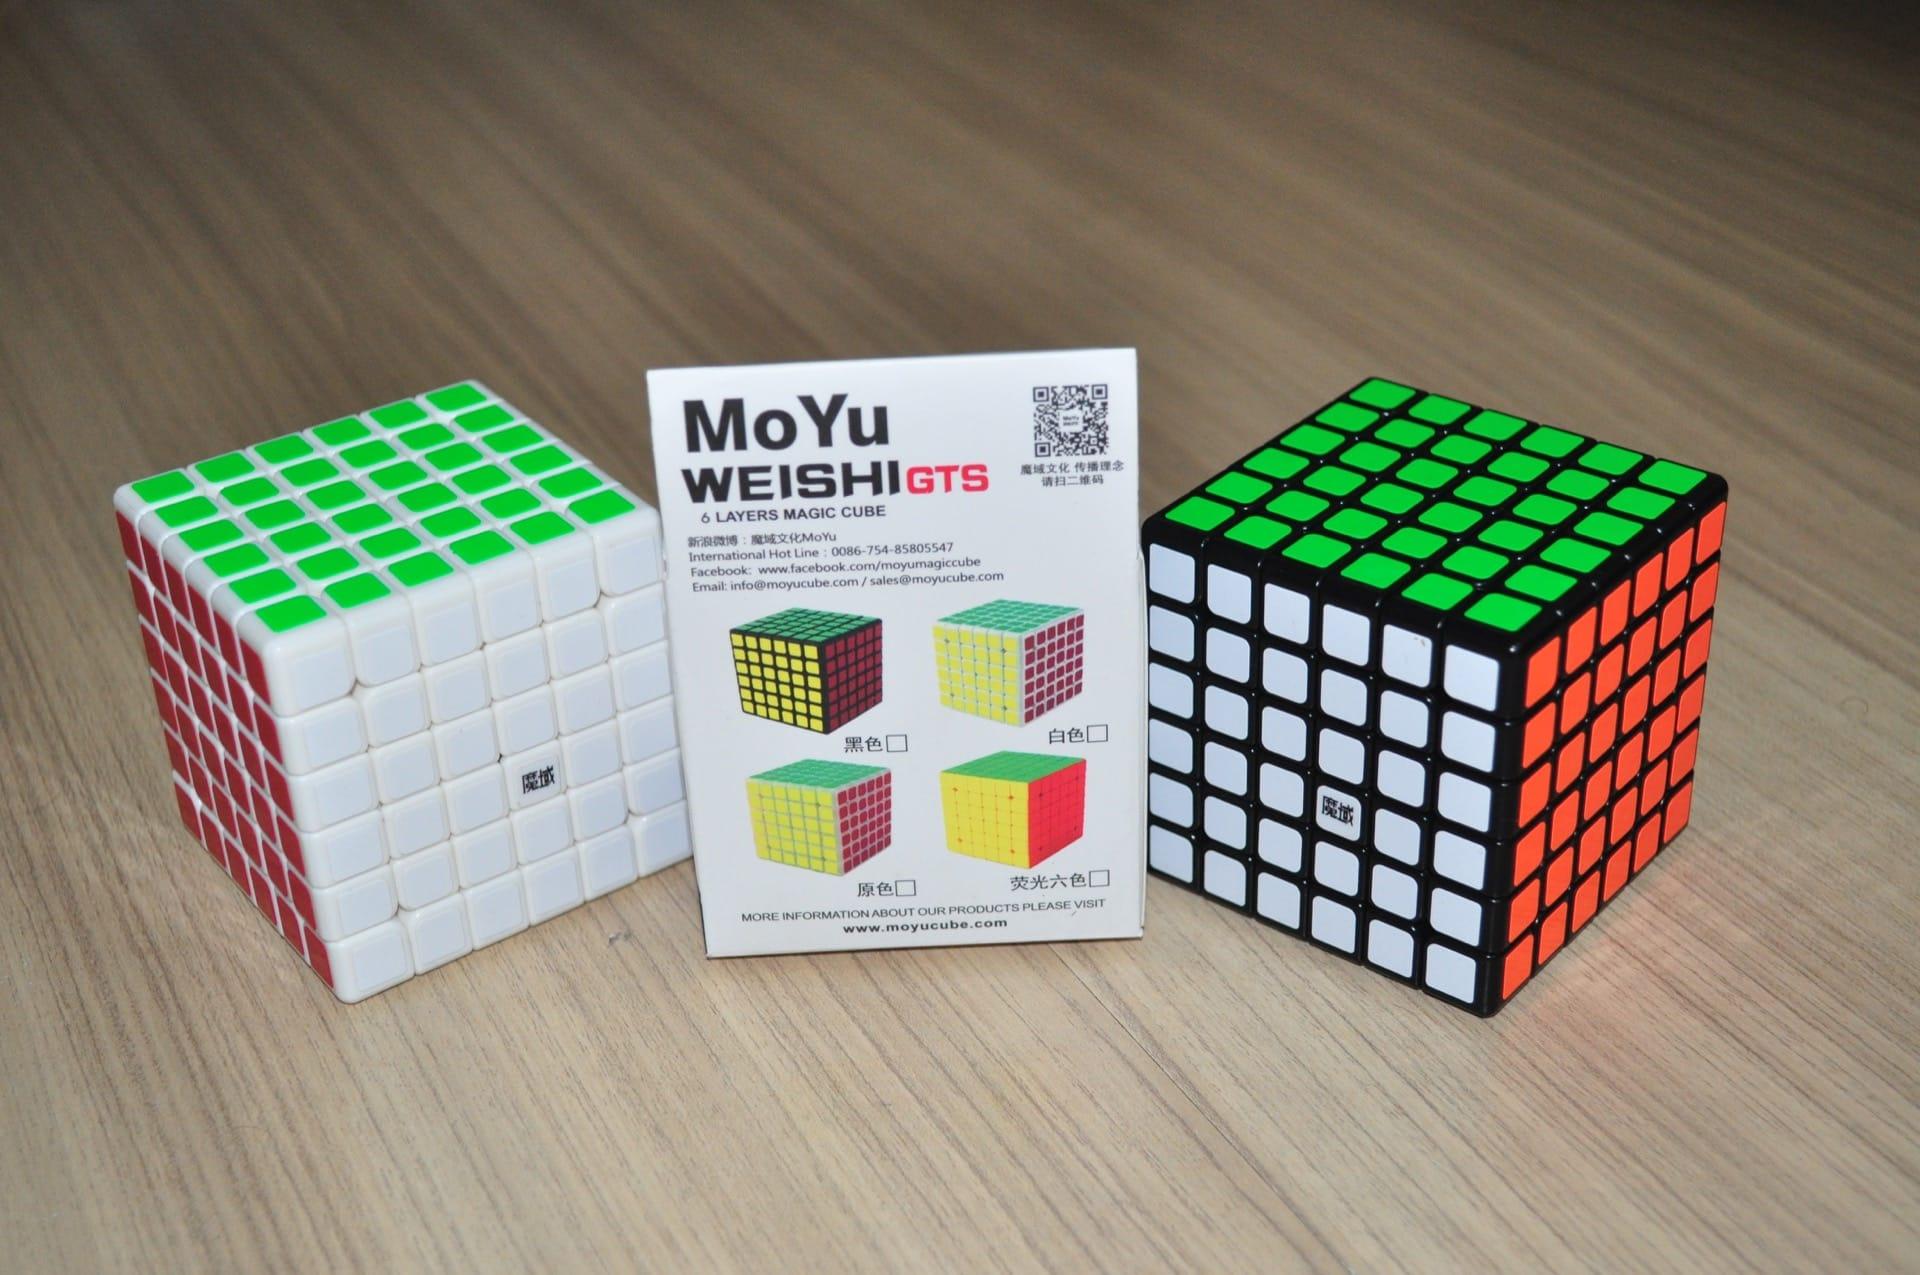 MoYu WeiShi GTS 6x6x6